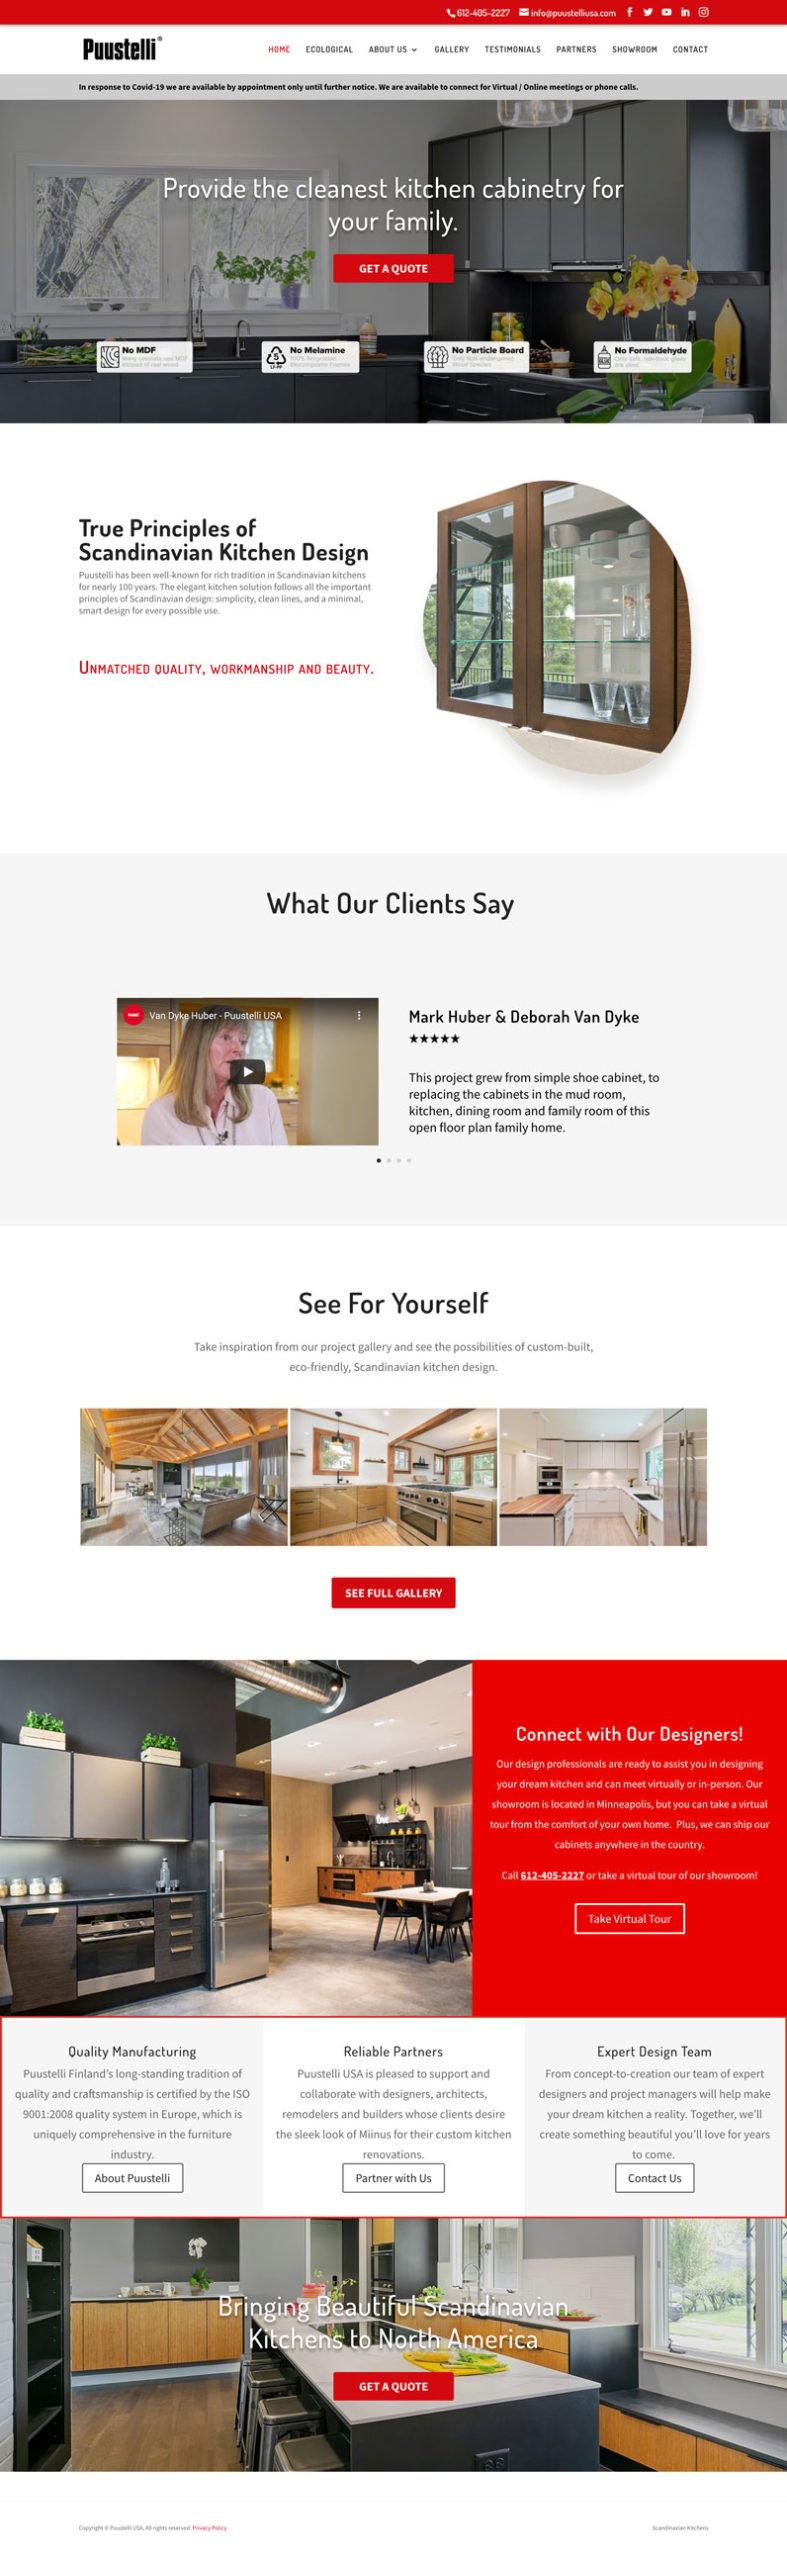 Puustelli Construction Materials Website Design